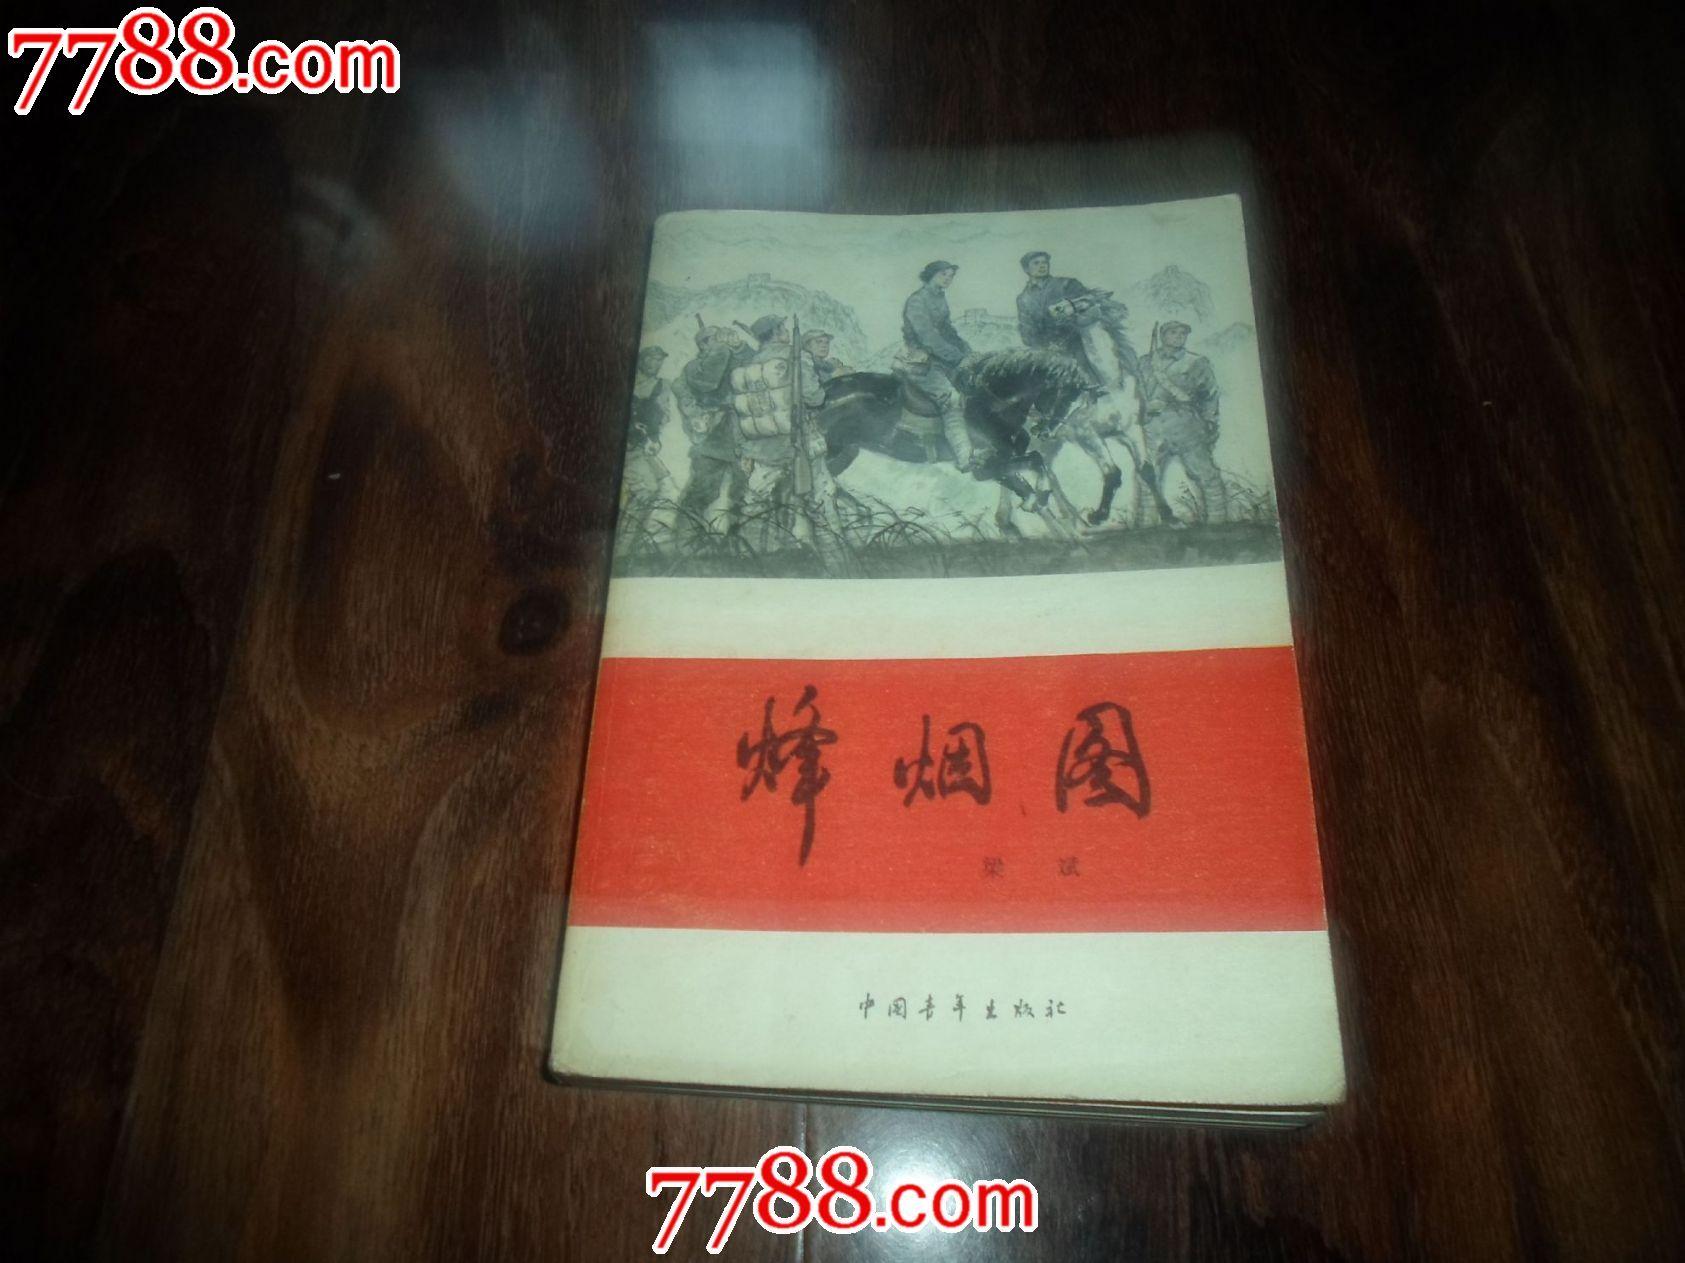 小说烽烟图_红色经典小说《烽烟图》价格15元se227949